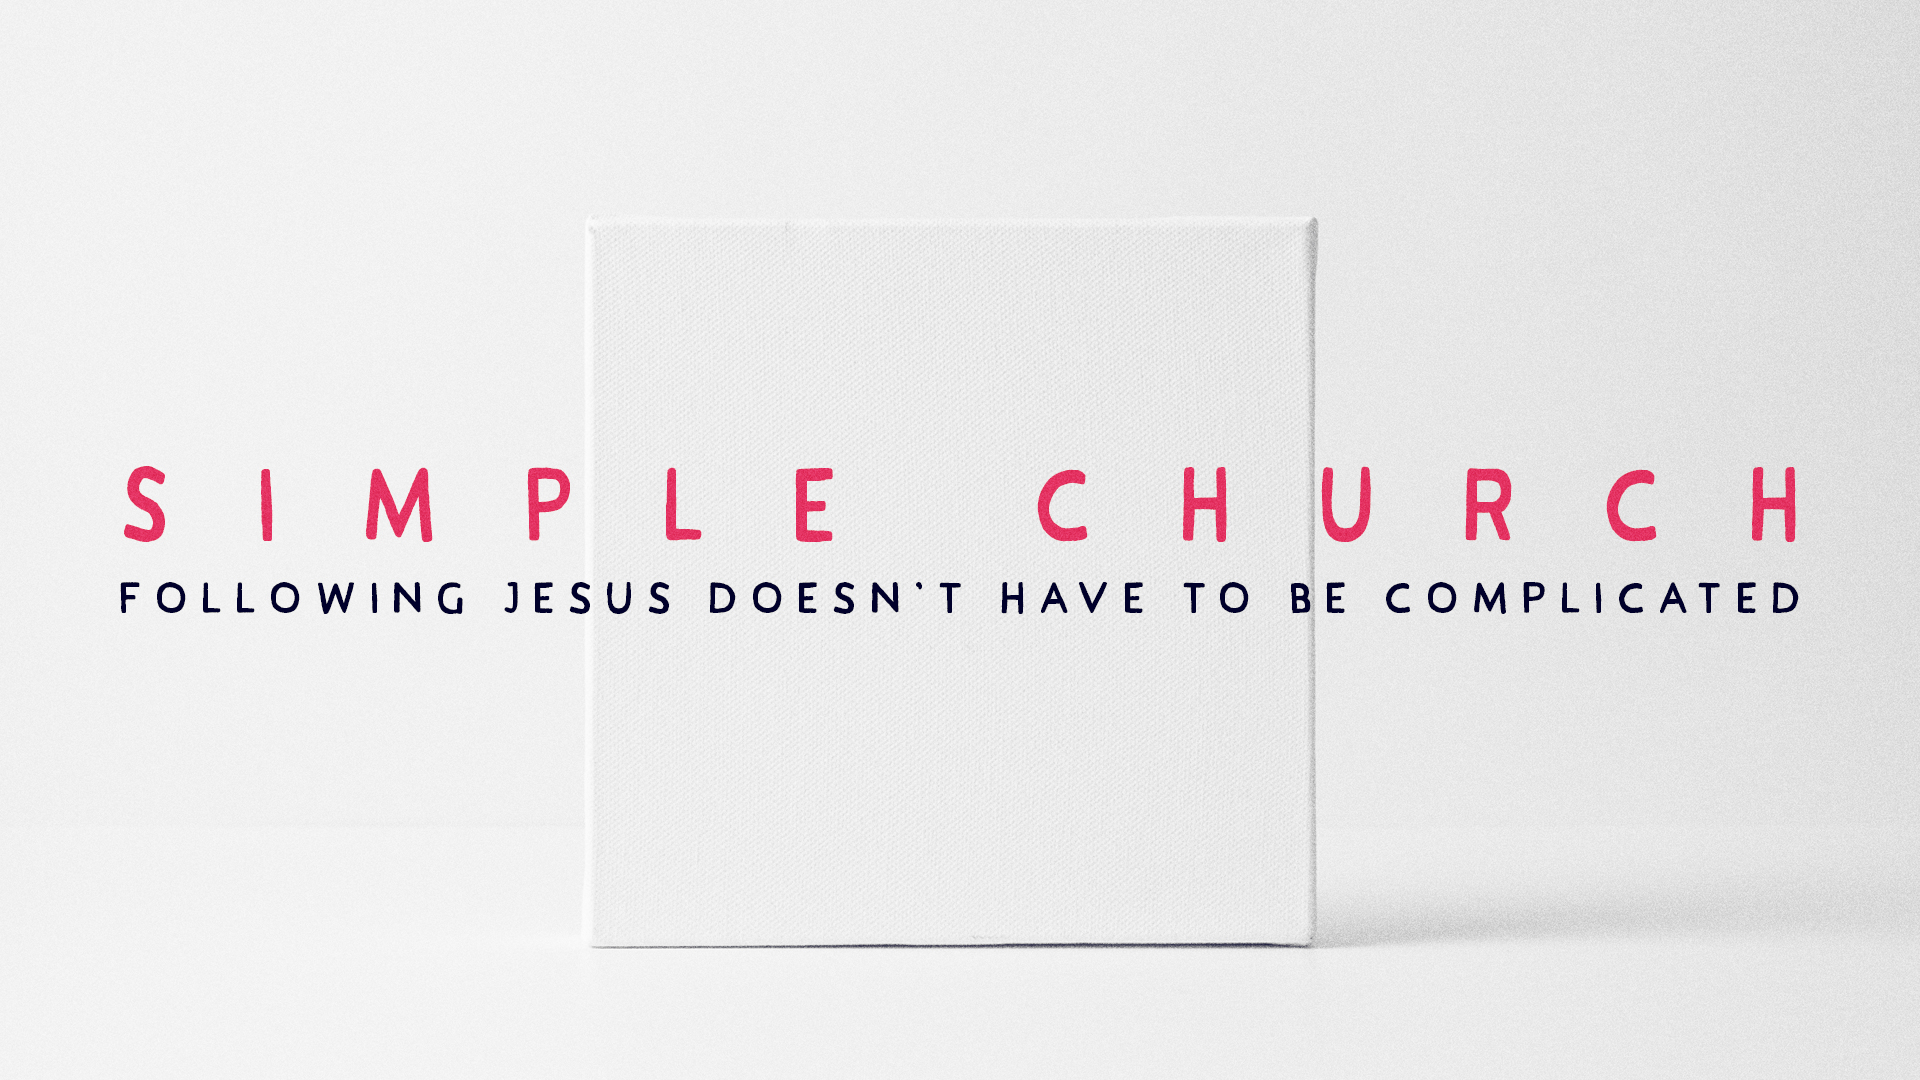 Simple Church Title.jpg